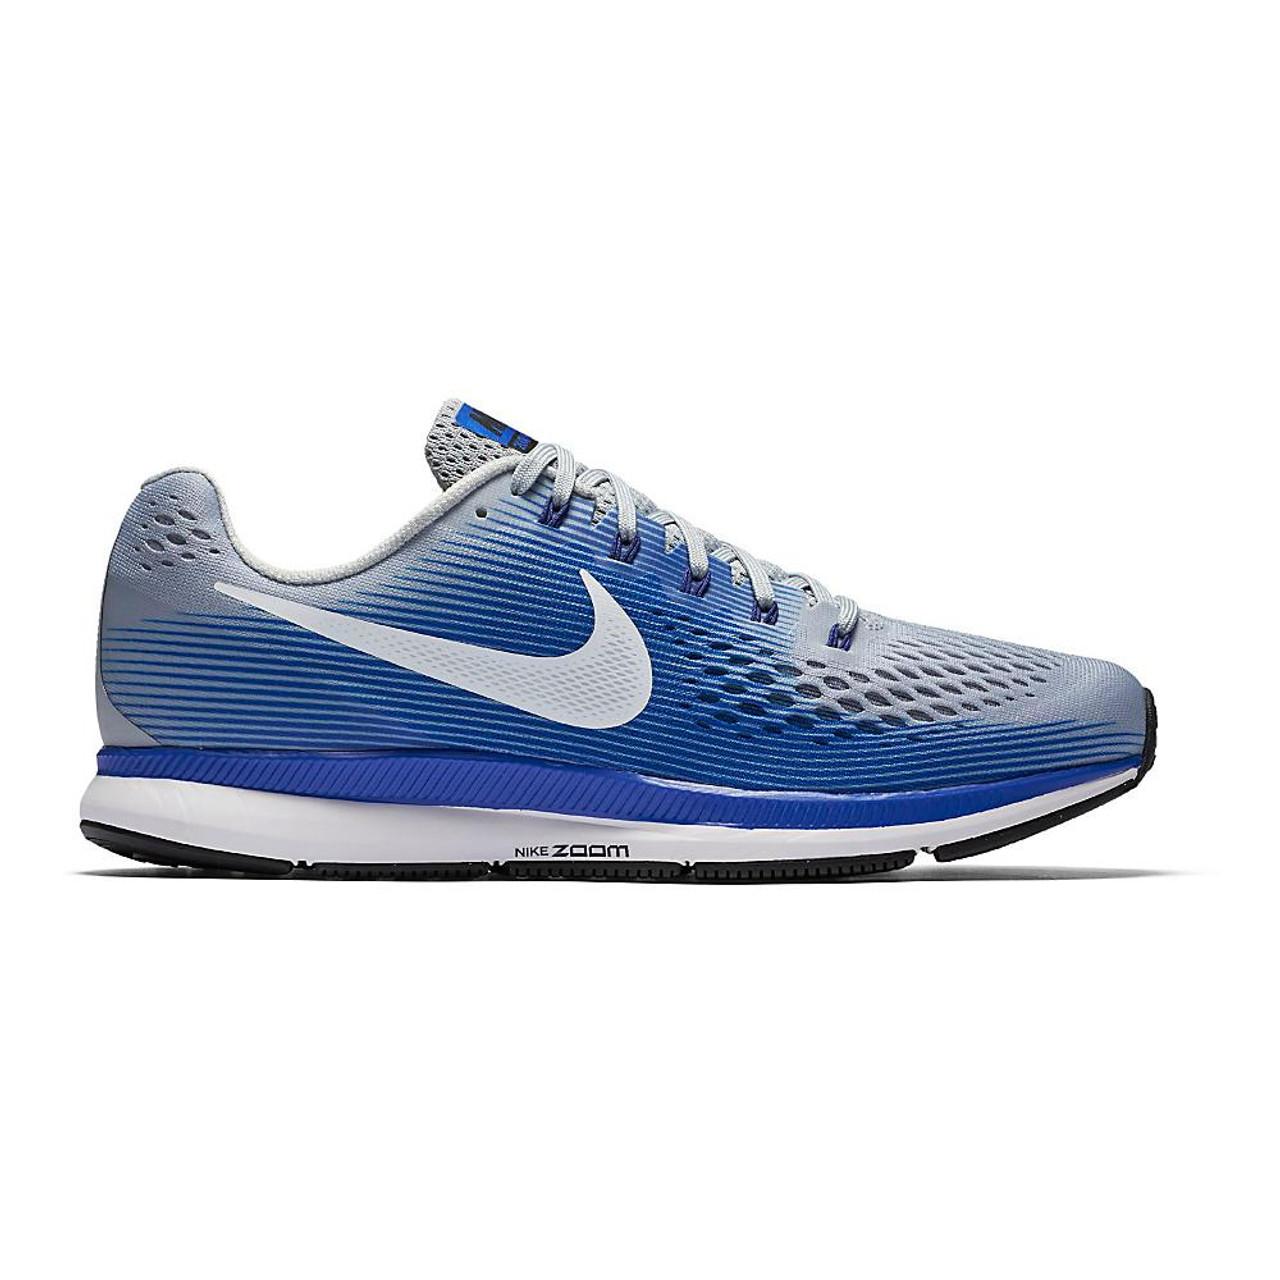 c9053fe87cd Men s Nike Air Zoom Pegasus 34 Running Shoes